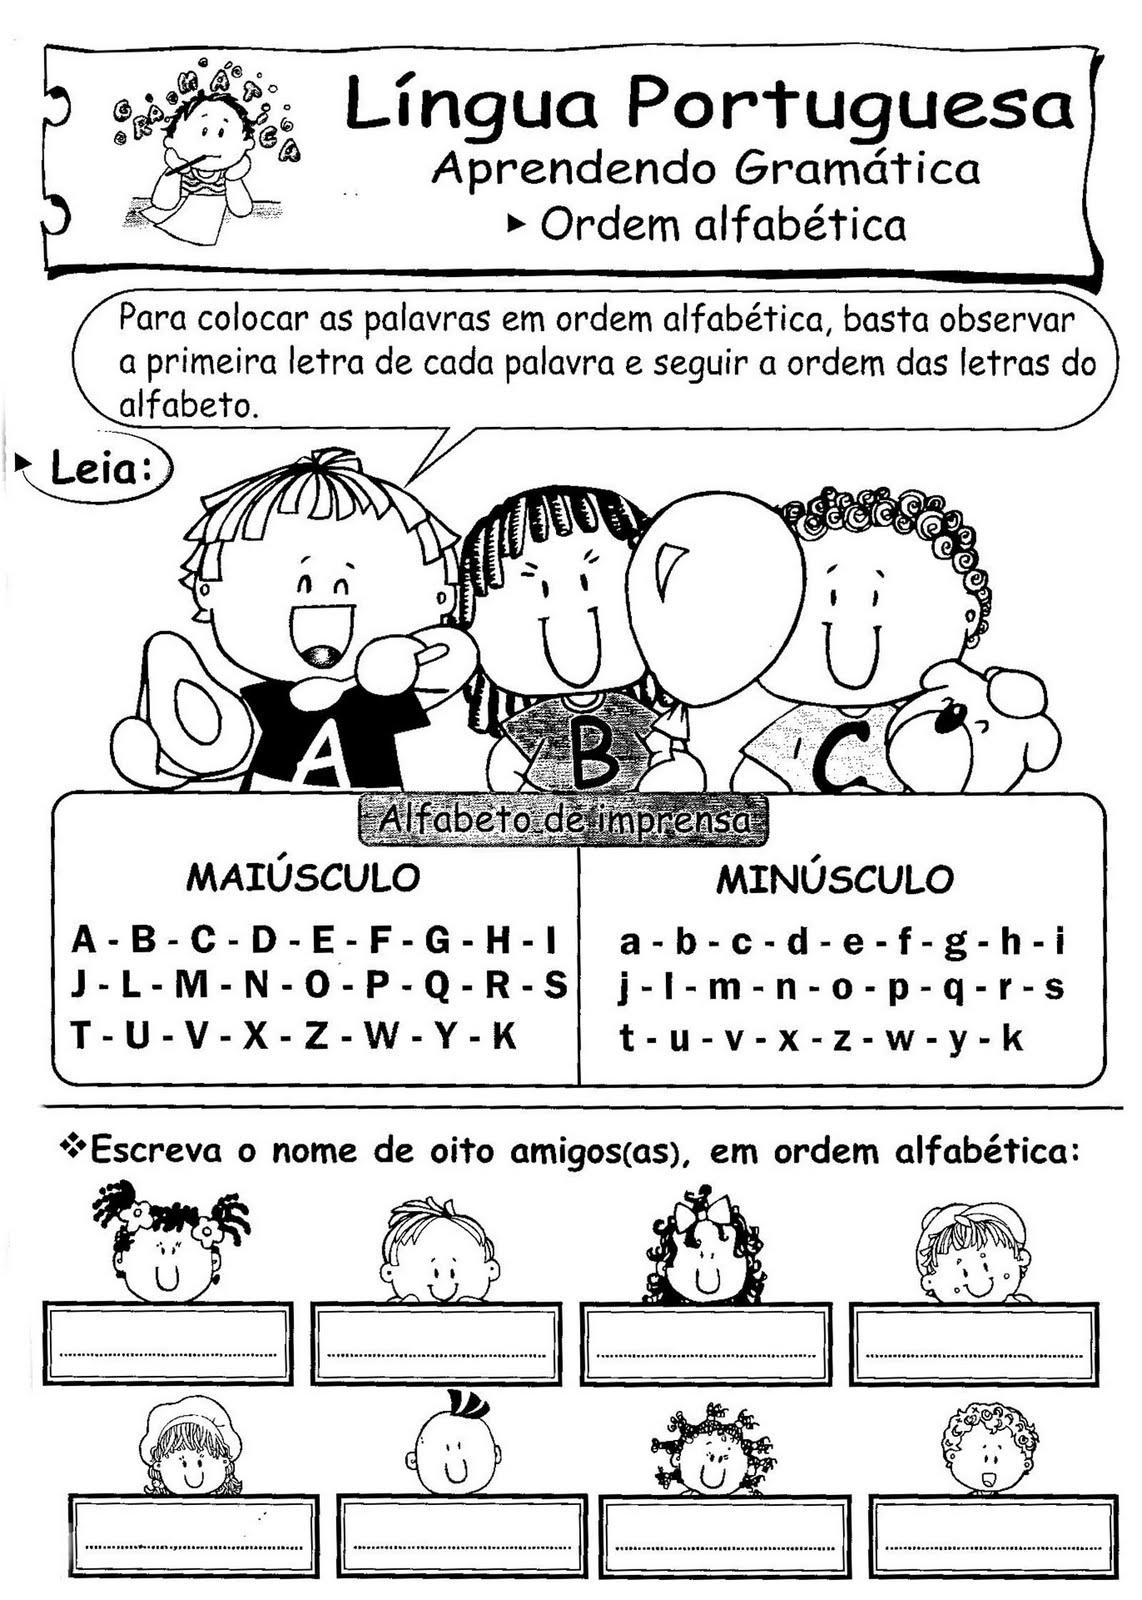 Aprendendo a Gramática –  Ordem alfabética